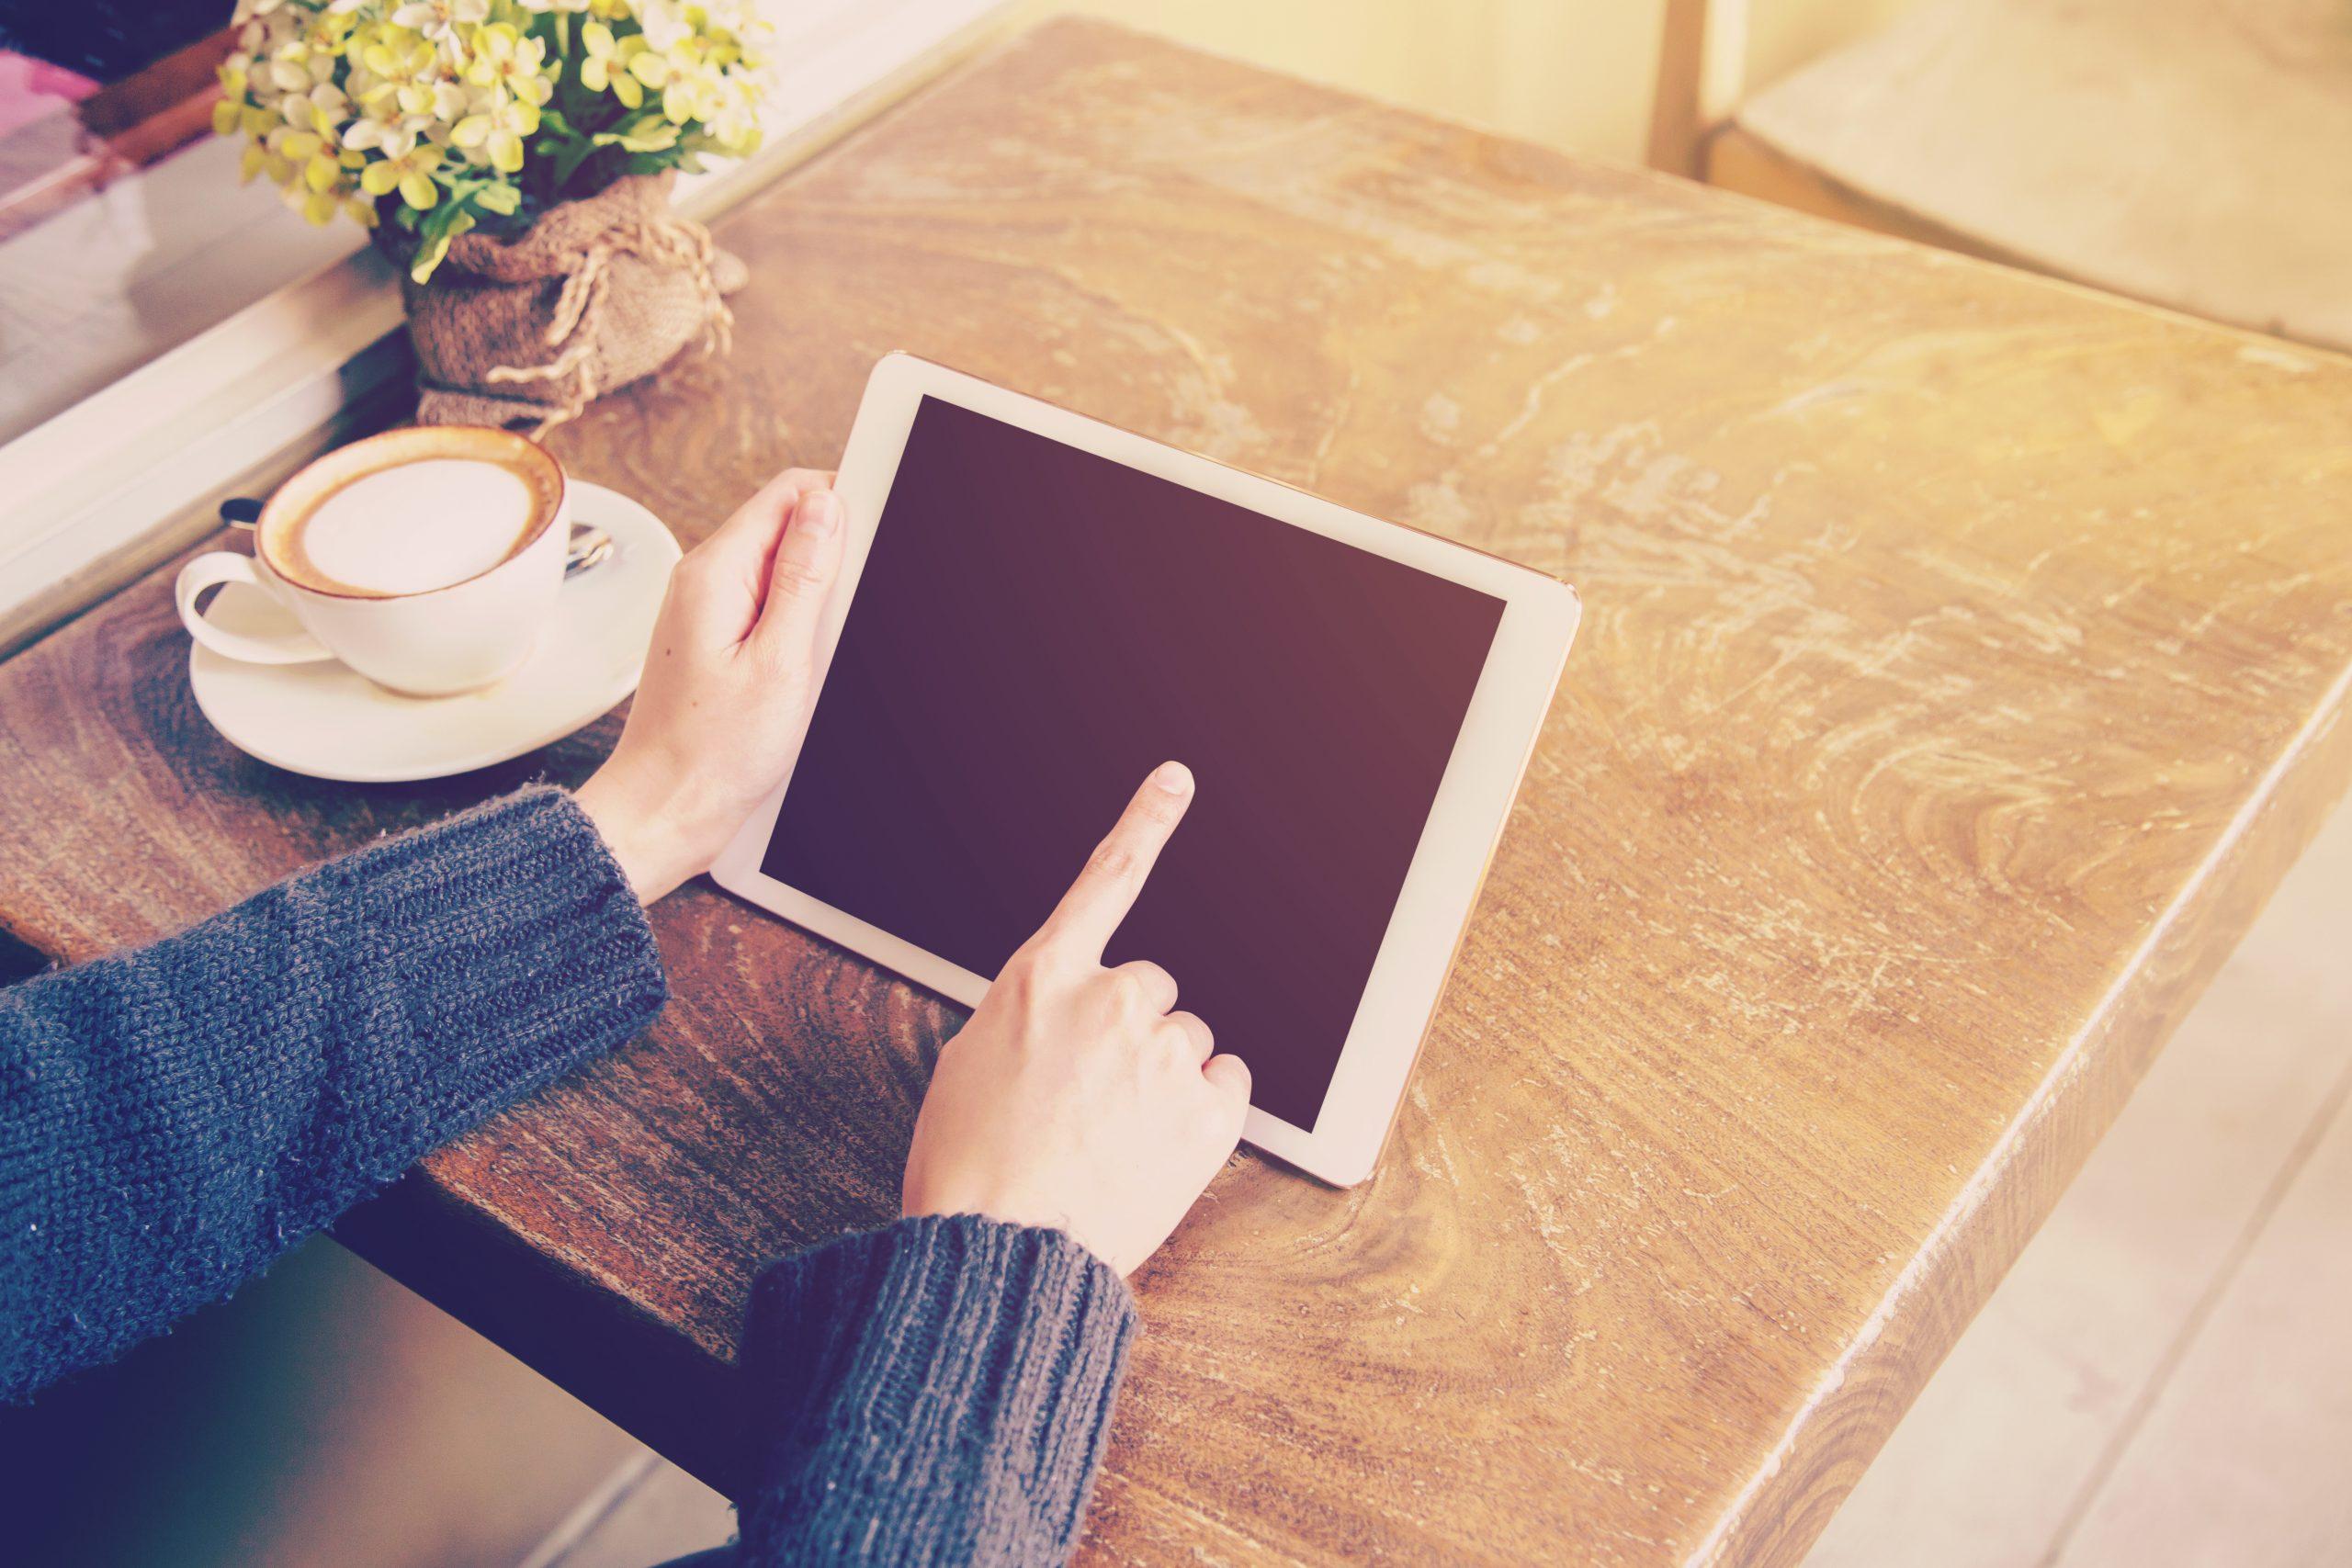 Miglior iPad Apple 2020: Guida all'acquisto